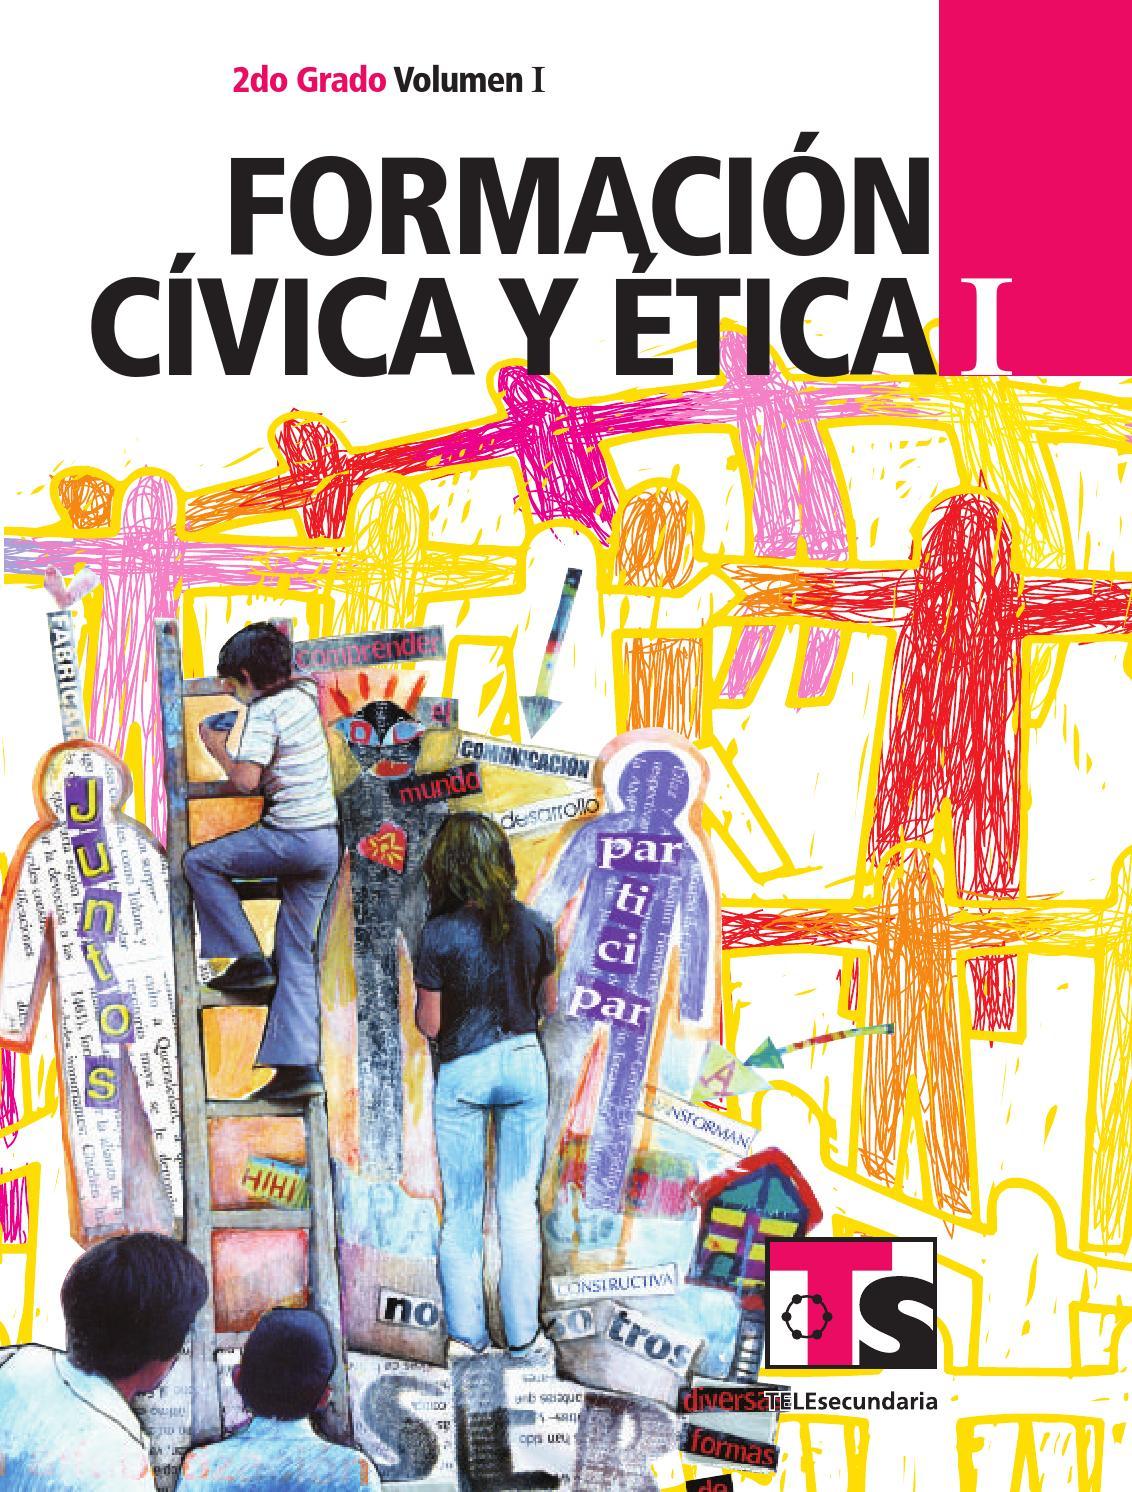 Formacion Civica Y Etica 6 Grado Baixar Musica Free MP3 Download